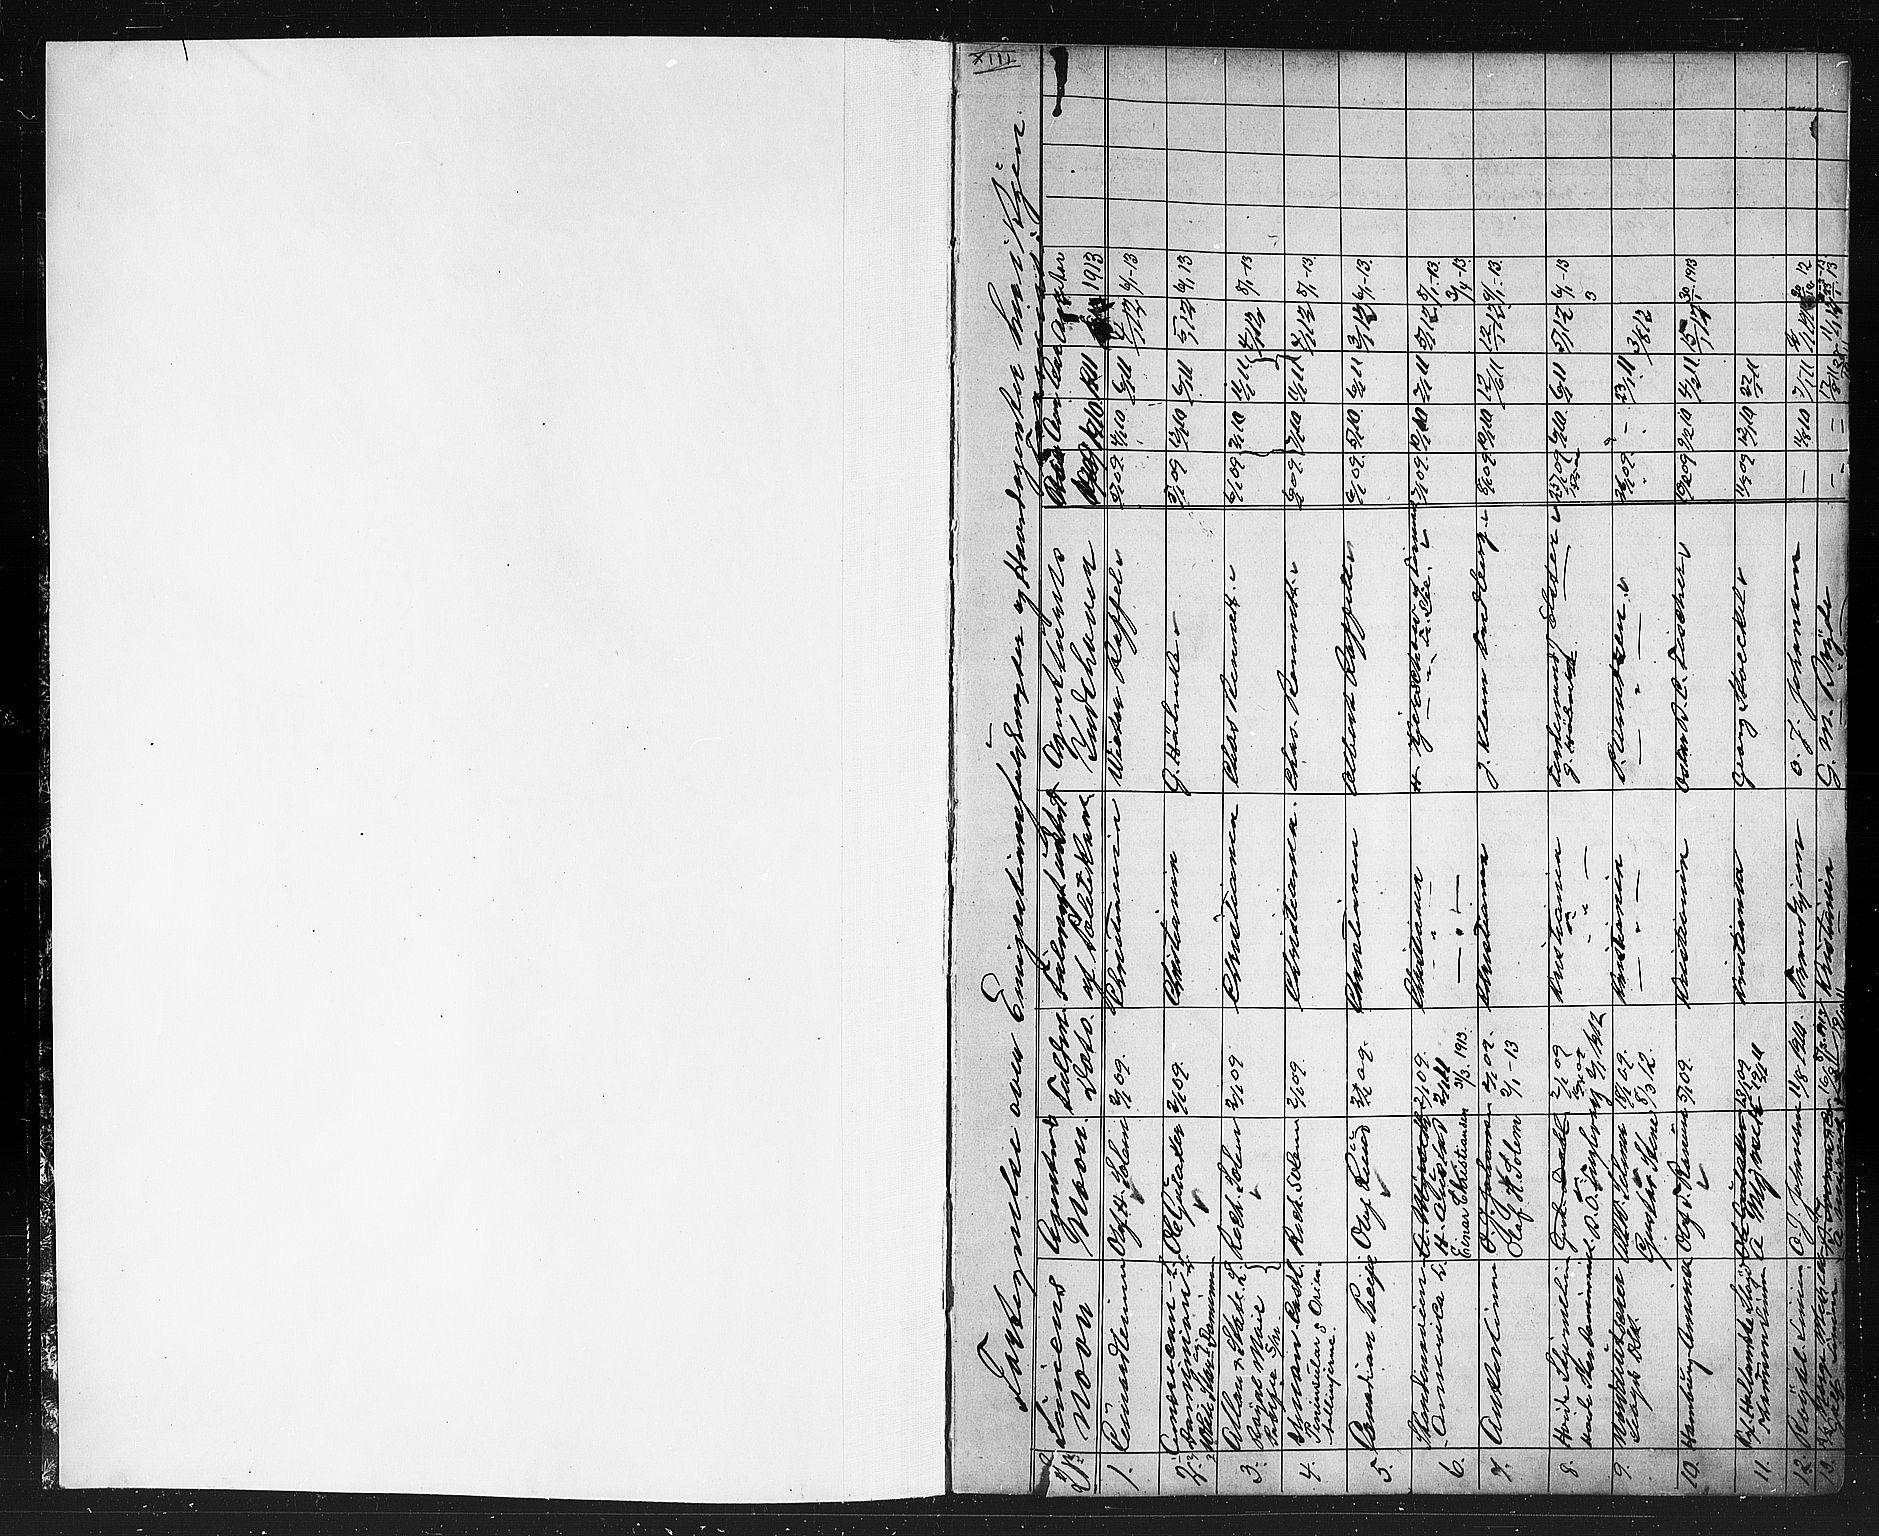 SAT, Trondheim politikammer, 32/L0014: Emigrantprotokoll XIII 11.10-12.04, 1907-1911